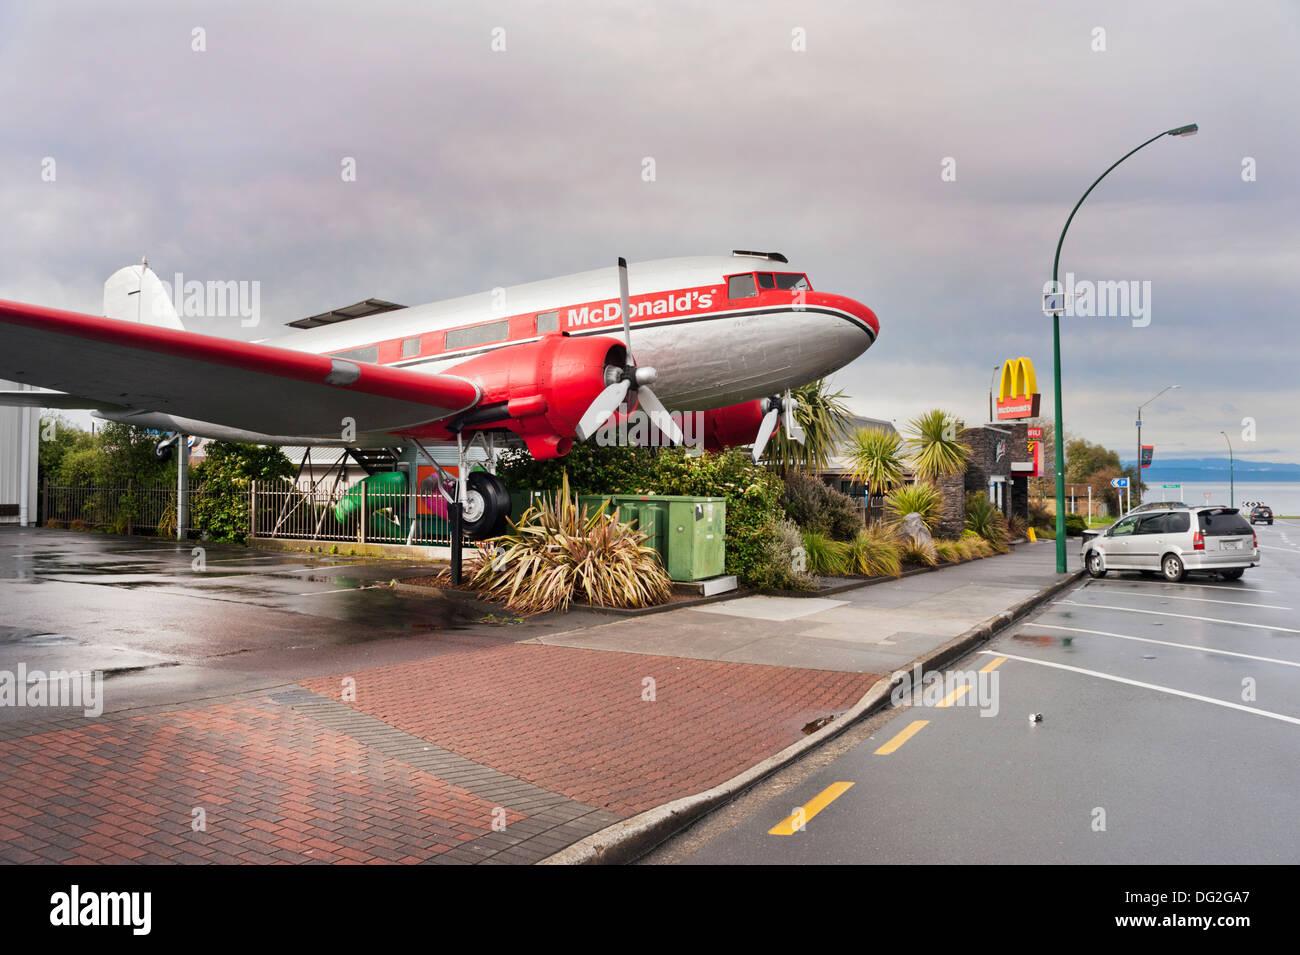 Taupo, Isola del nord, Nuova Zelanda. Ristorante McDonald's, Taupo con DC3 Dakota aeromobili. Ripetutamente votato cool McDonald in tutto il mondo. Immagini Stock